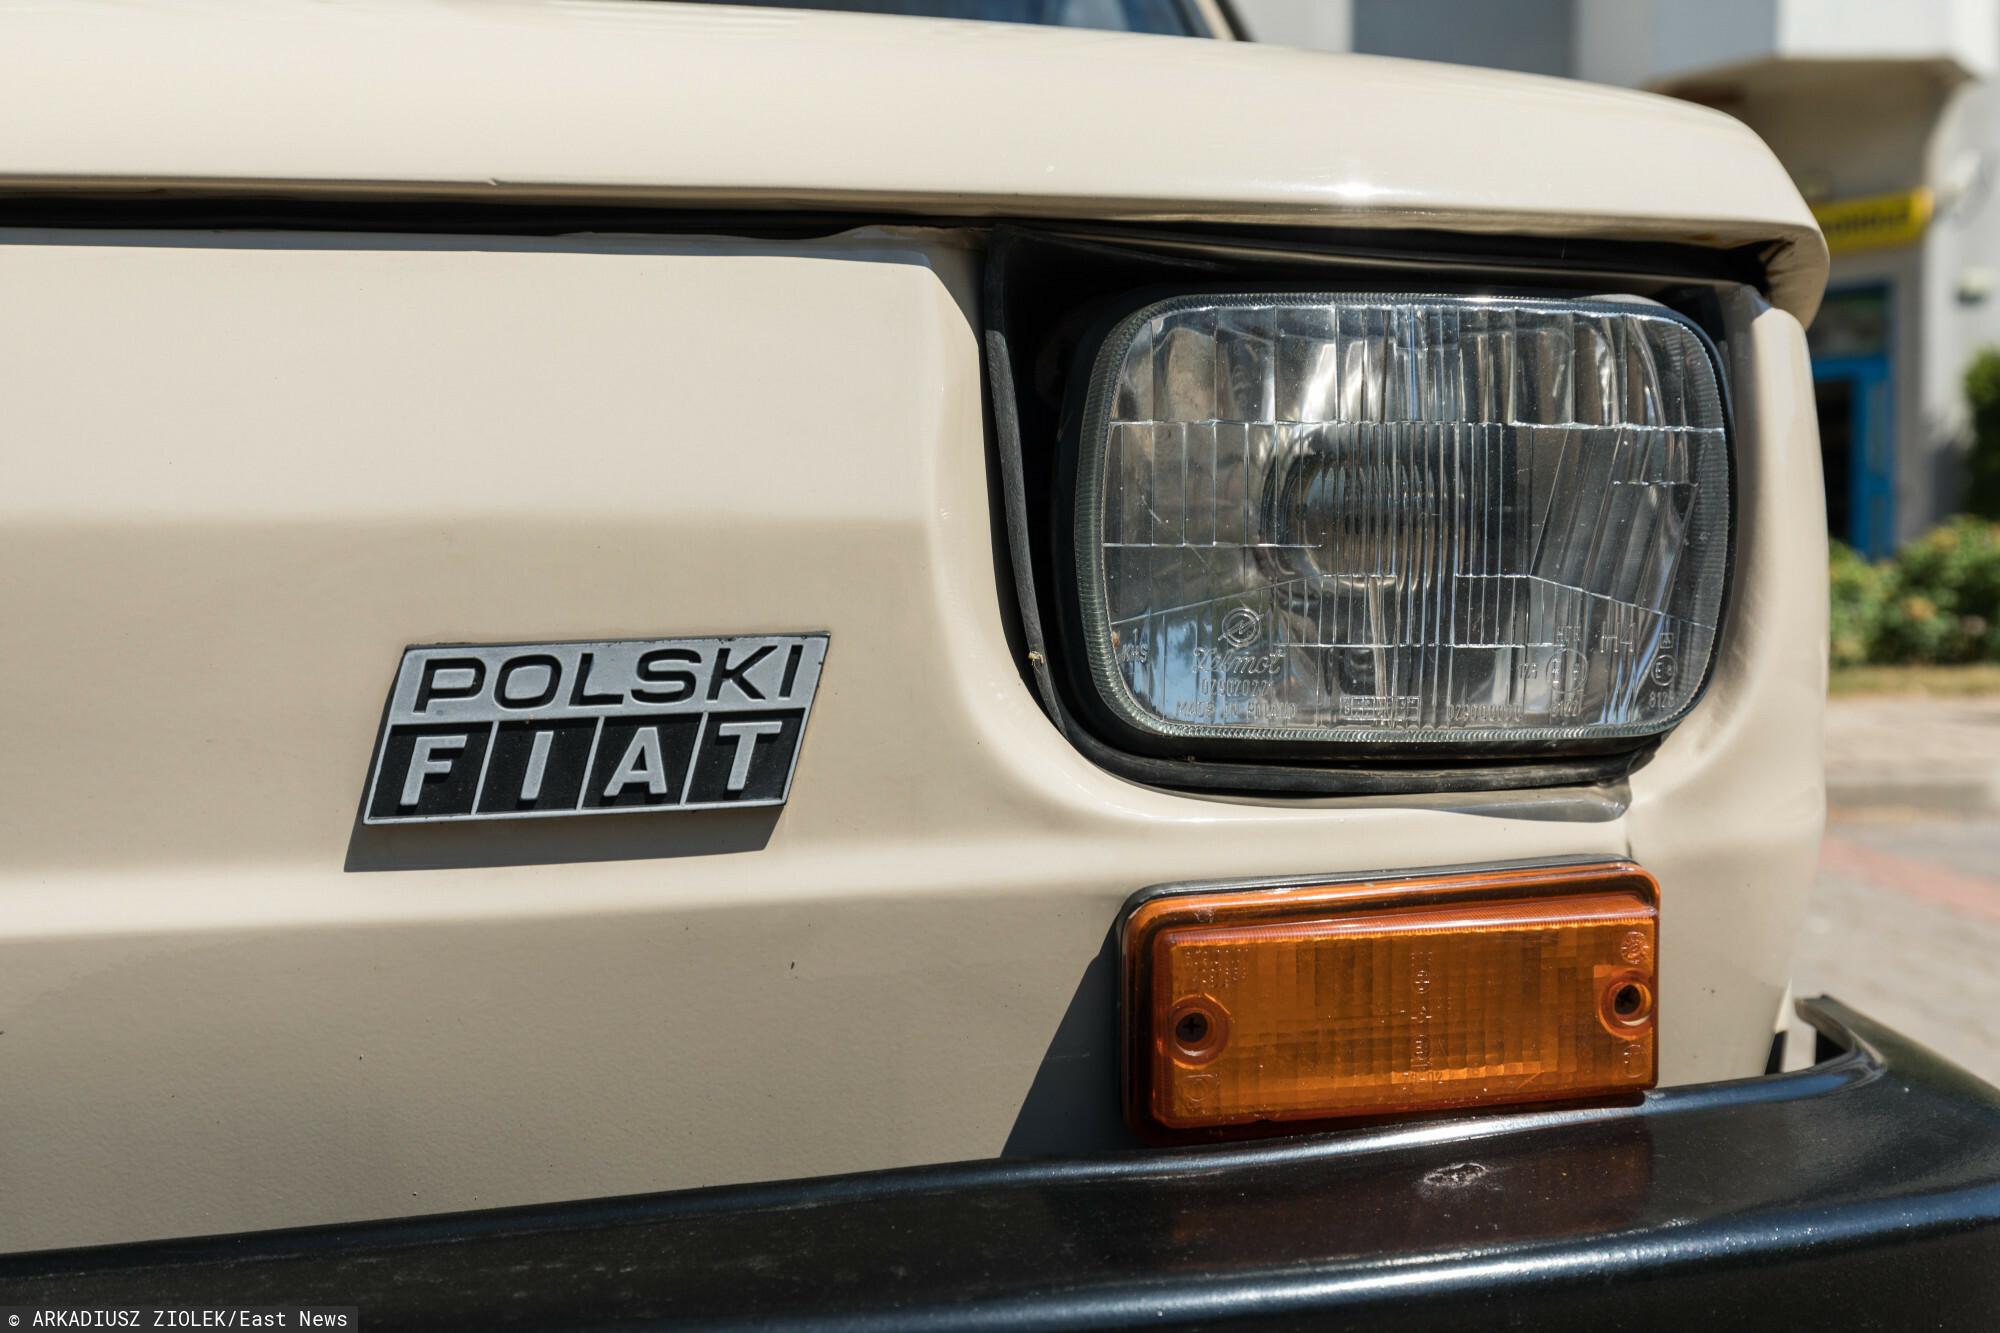 """Polski Fiat 126, zwany potocznie """"maluchem"""" zmotoryzował nasz kraj. ARKADIUSZ ZIOLEK/East News"""